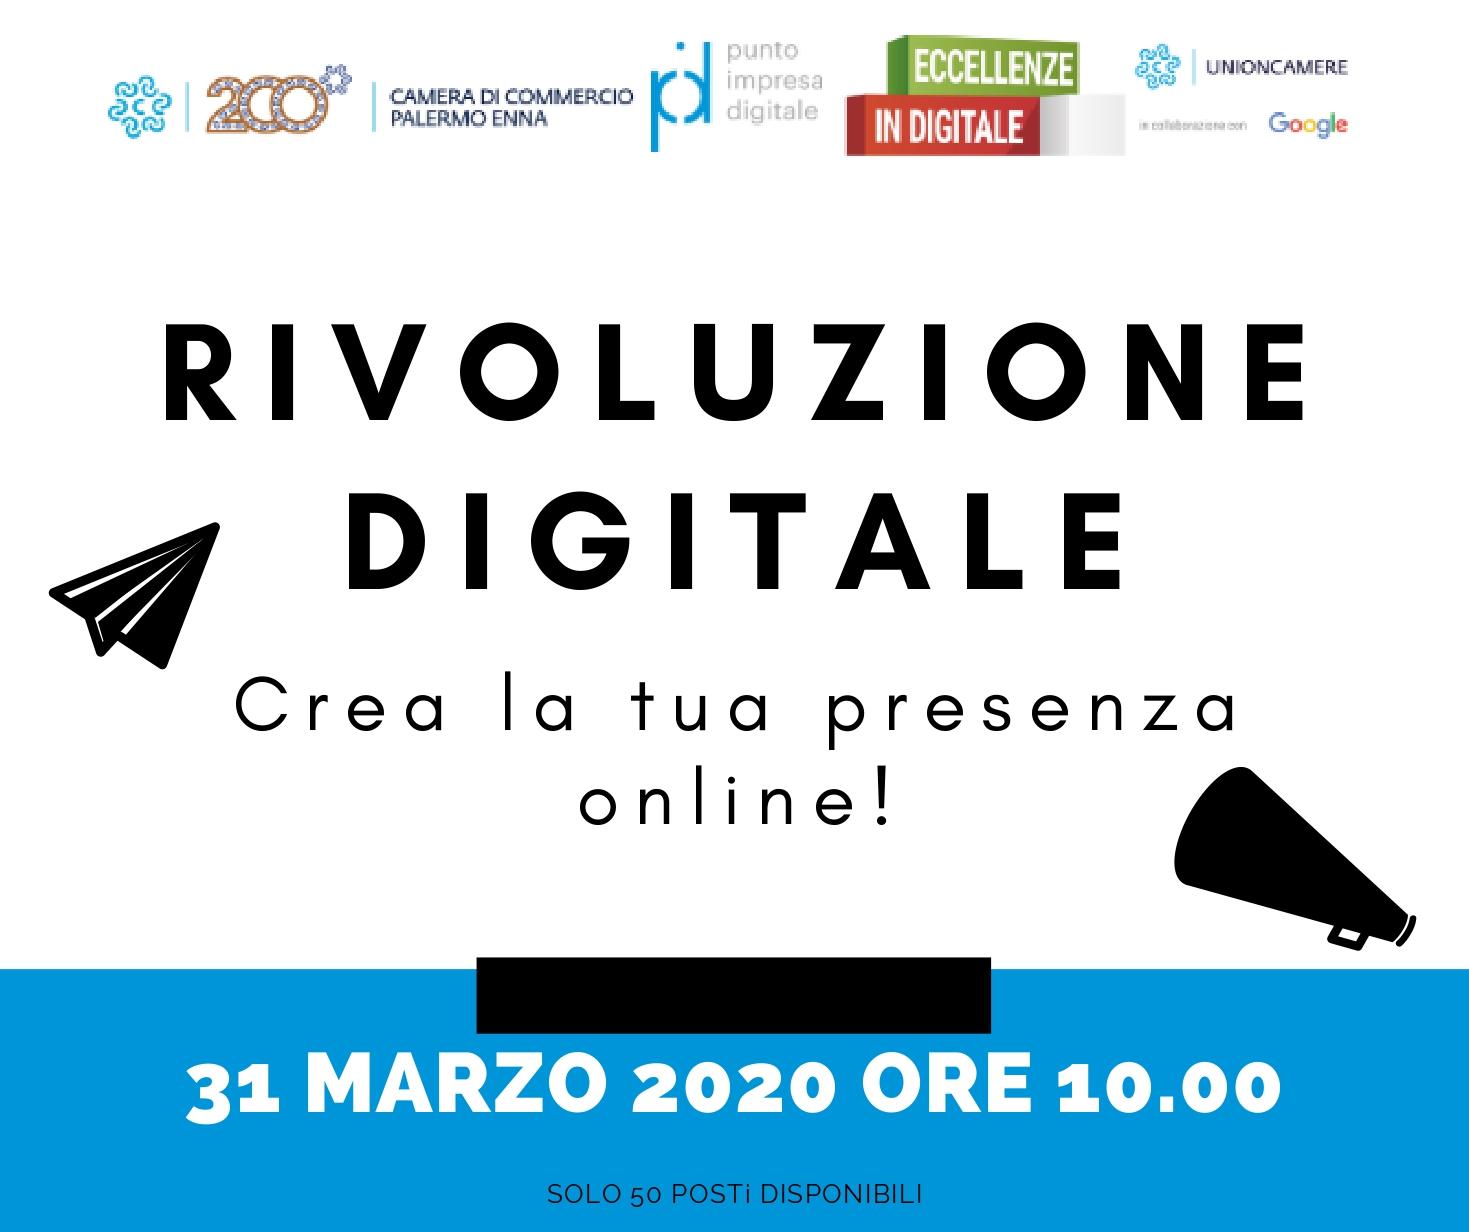 Crea la tua presenza online: webinar gratuito della Camera di Commercio di Palermo-Enna